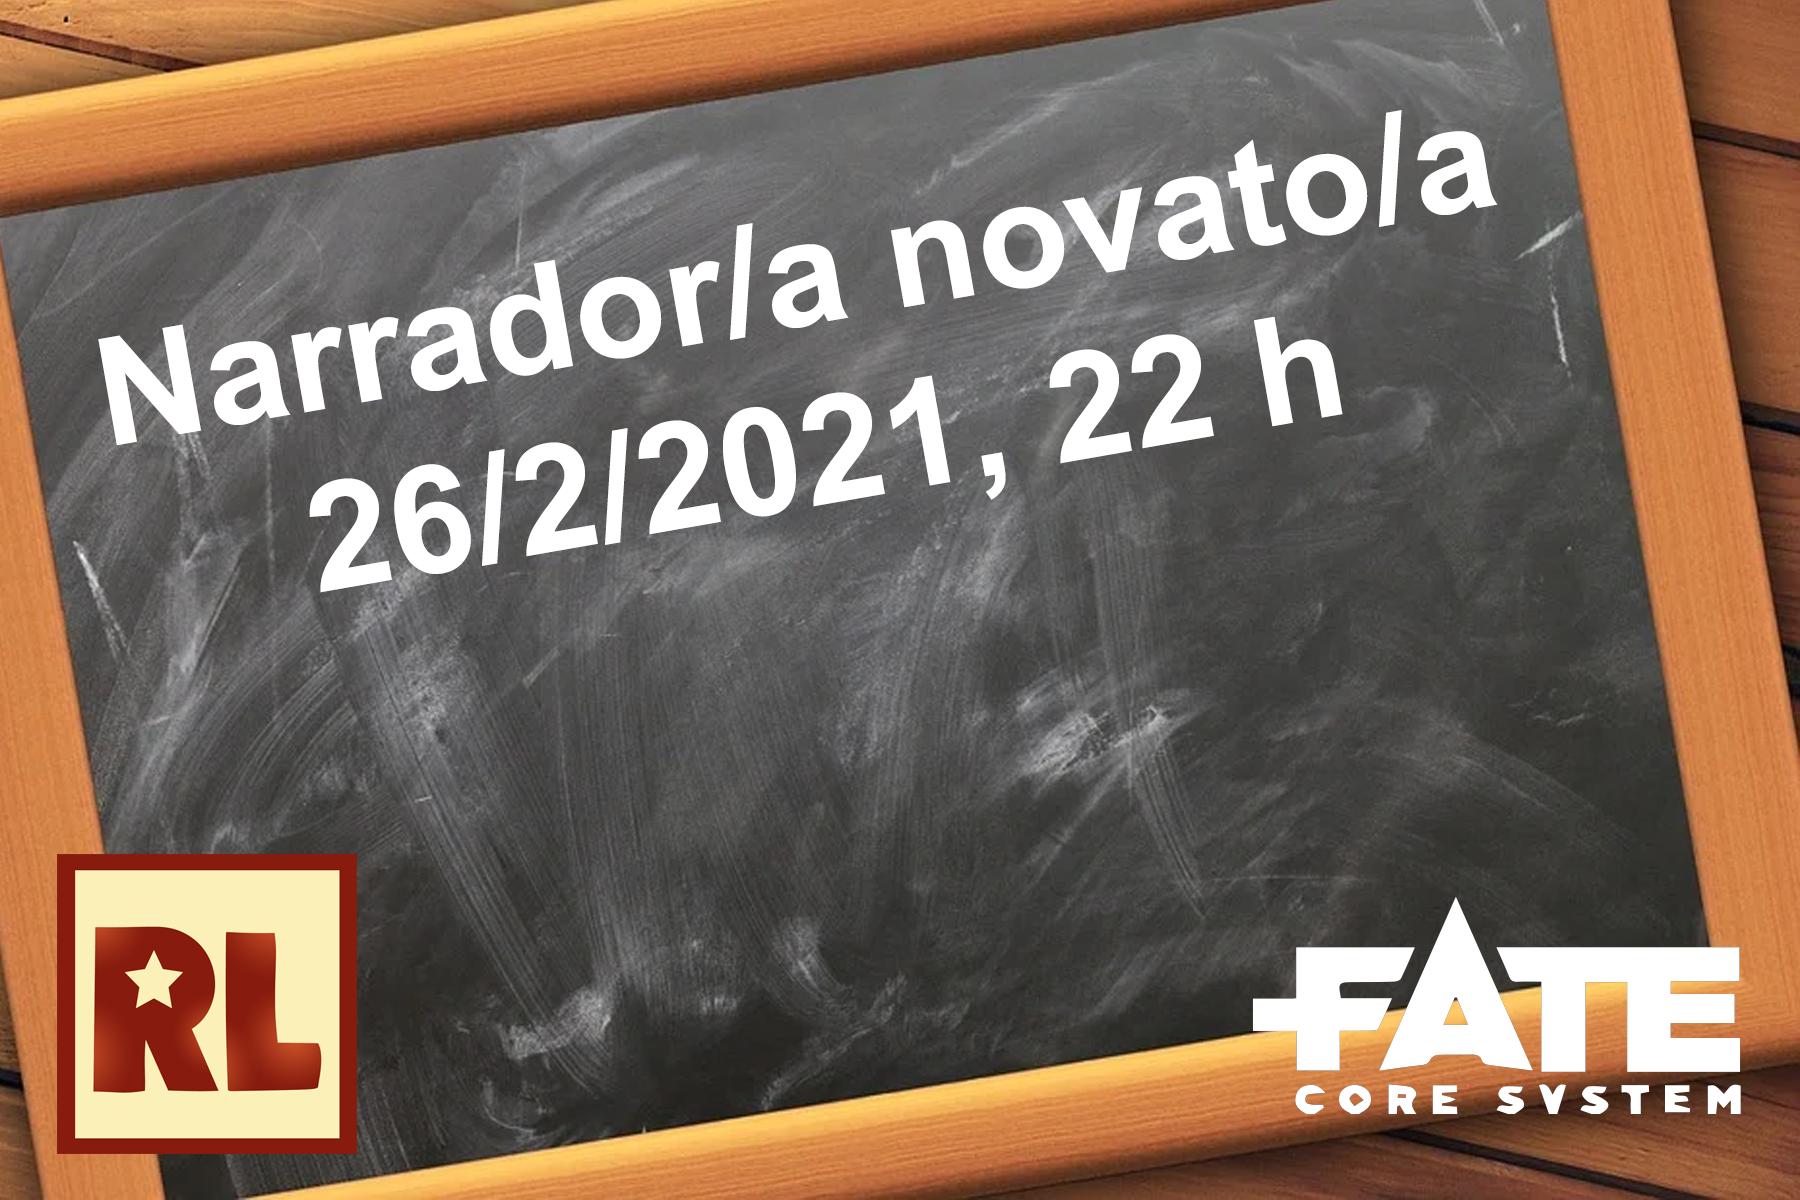 Narrador/a novato/a (Fate core)